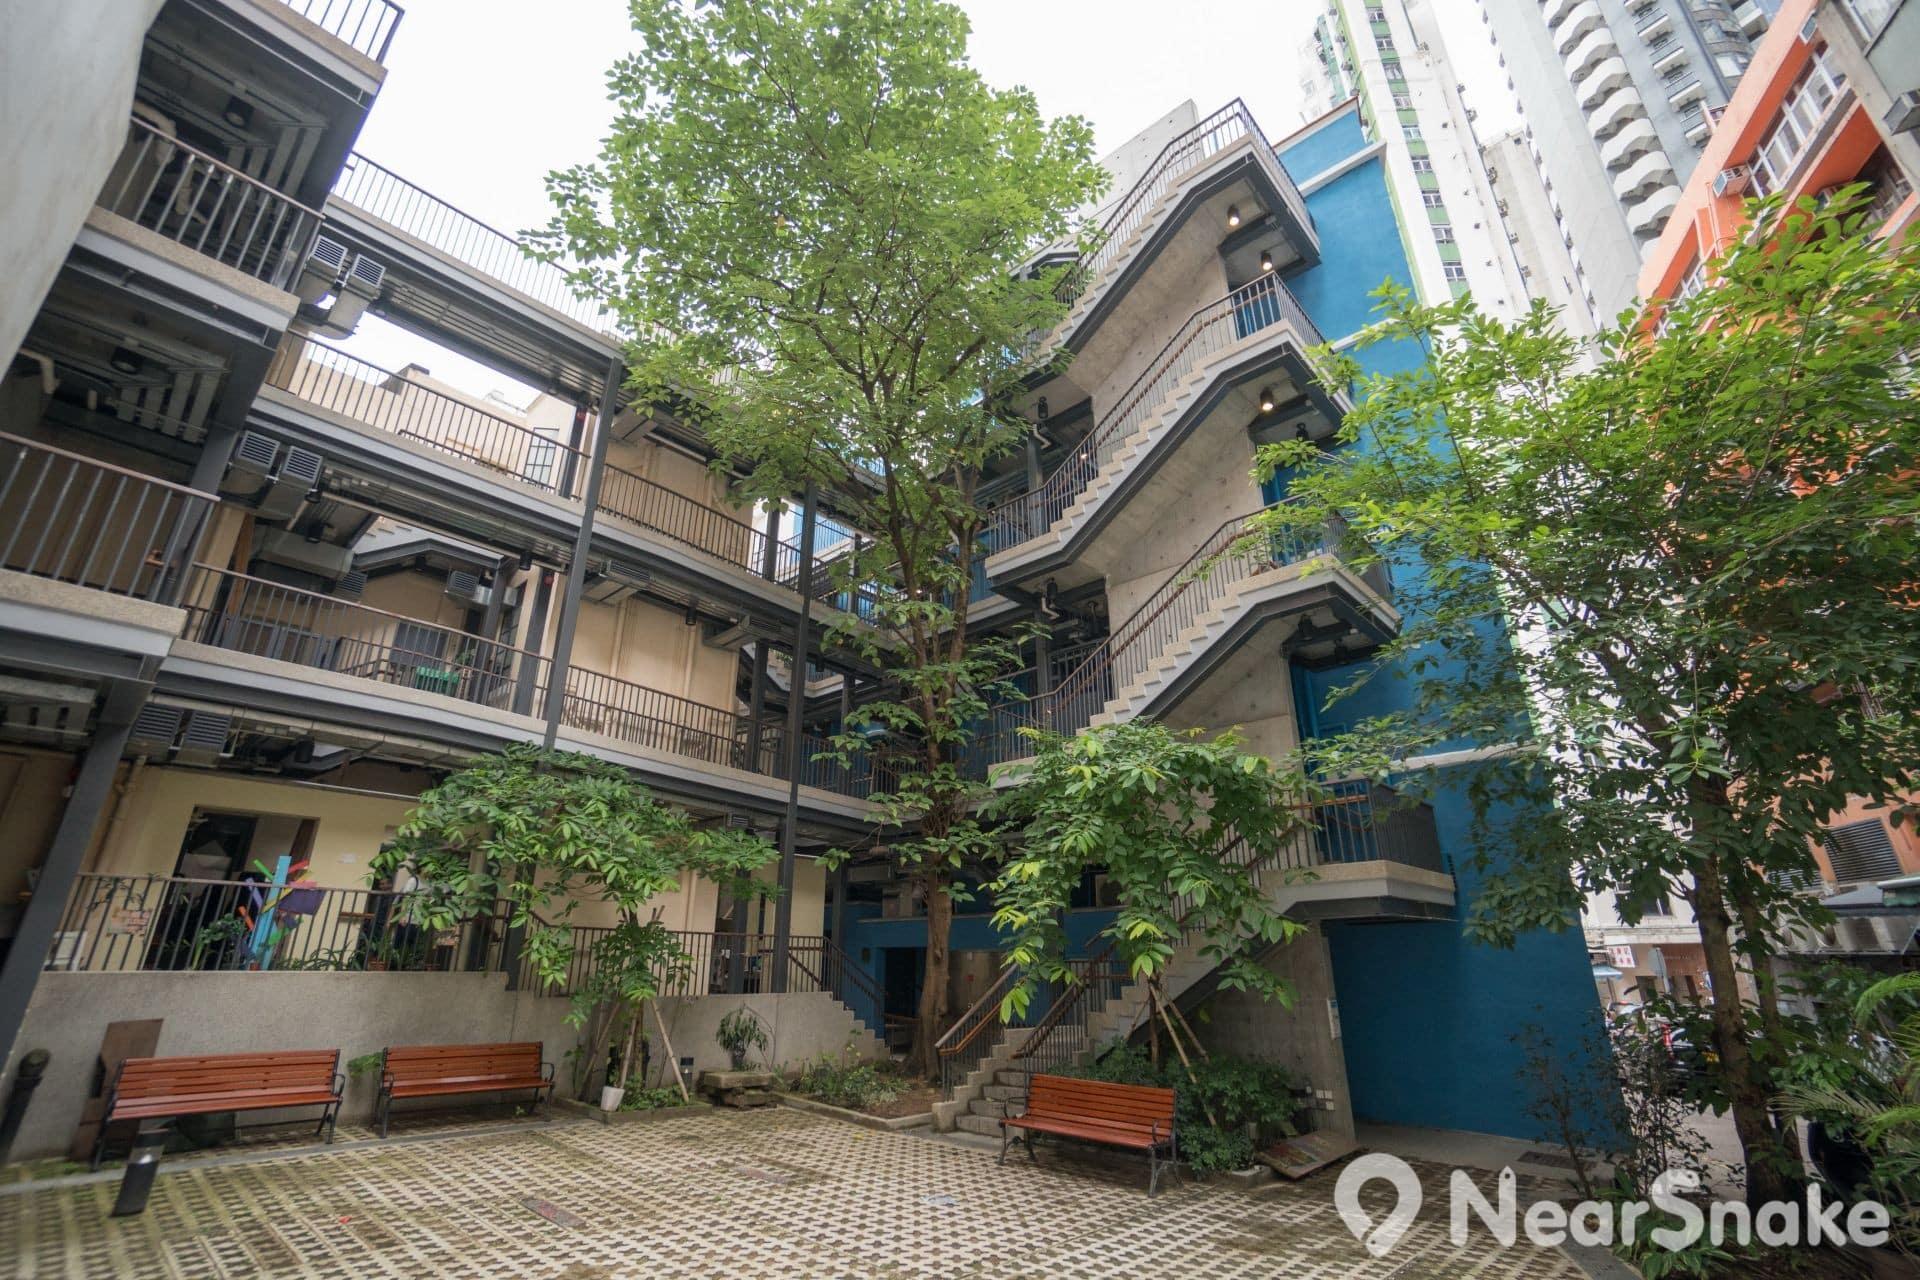 藍屋背後地下是公眾休憩地,每層則有樓梯通往隔鄰的「橙屋」。